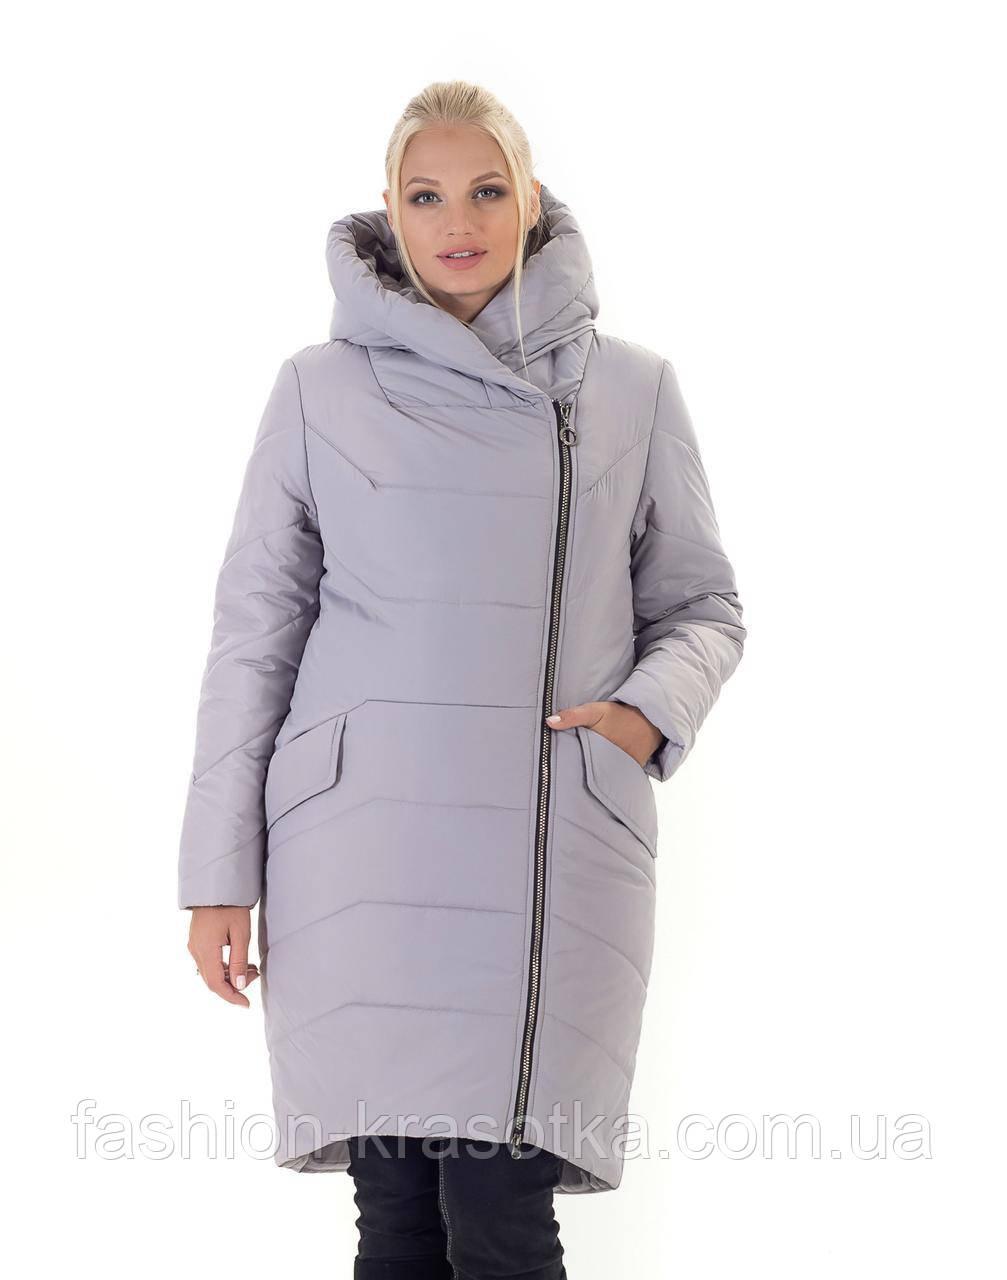 Женская зимняя куртка с капюшоном,размеры:42-56.